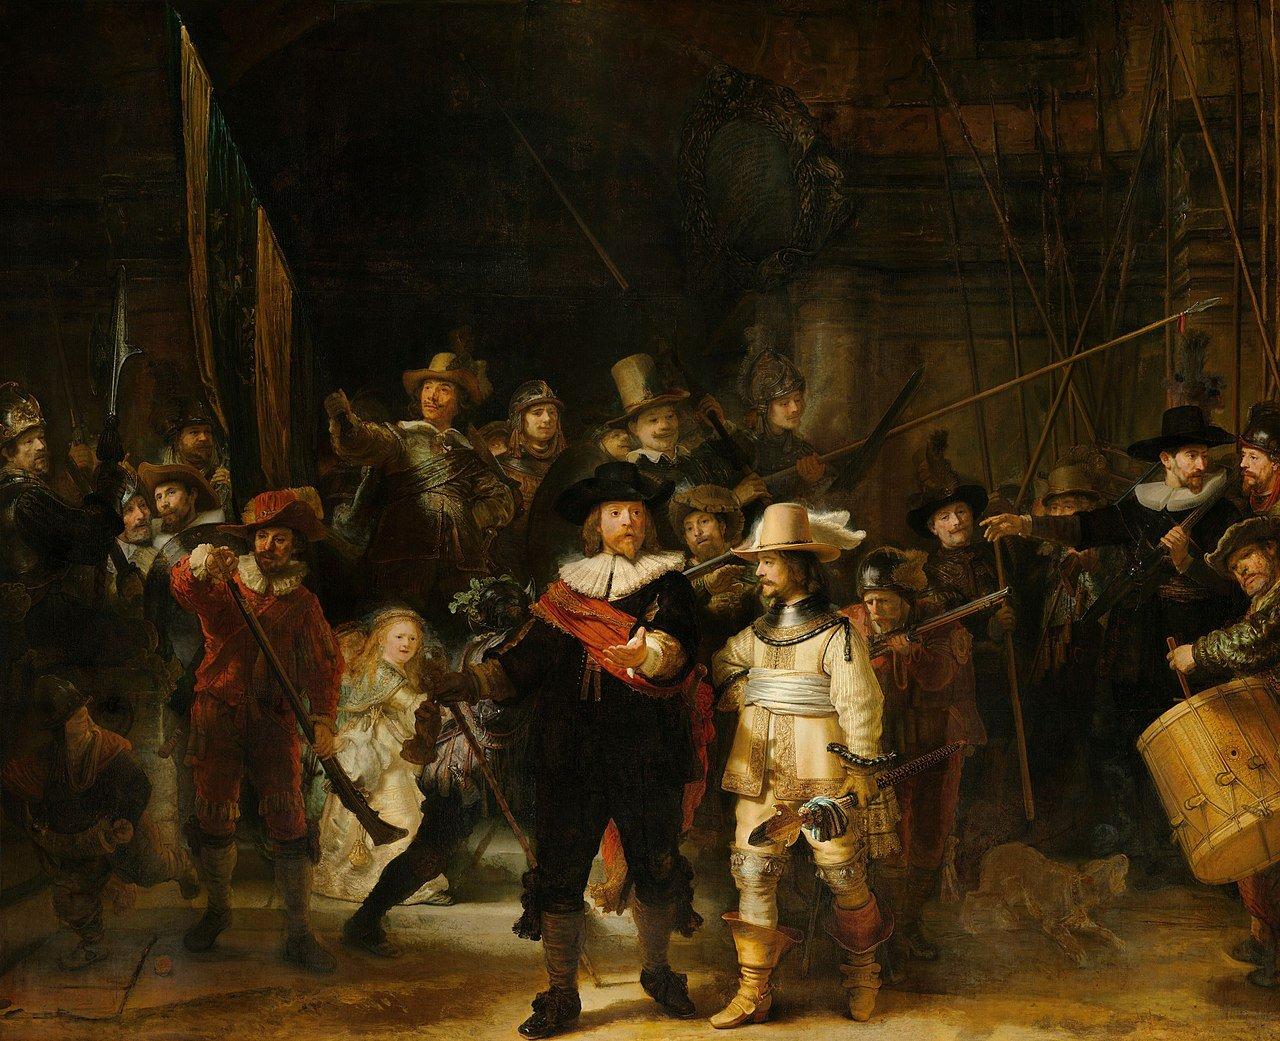 1280px-La_ronda_de_noche,_por_Rembrandt_van_Rijn